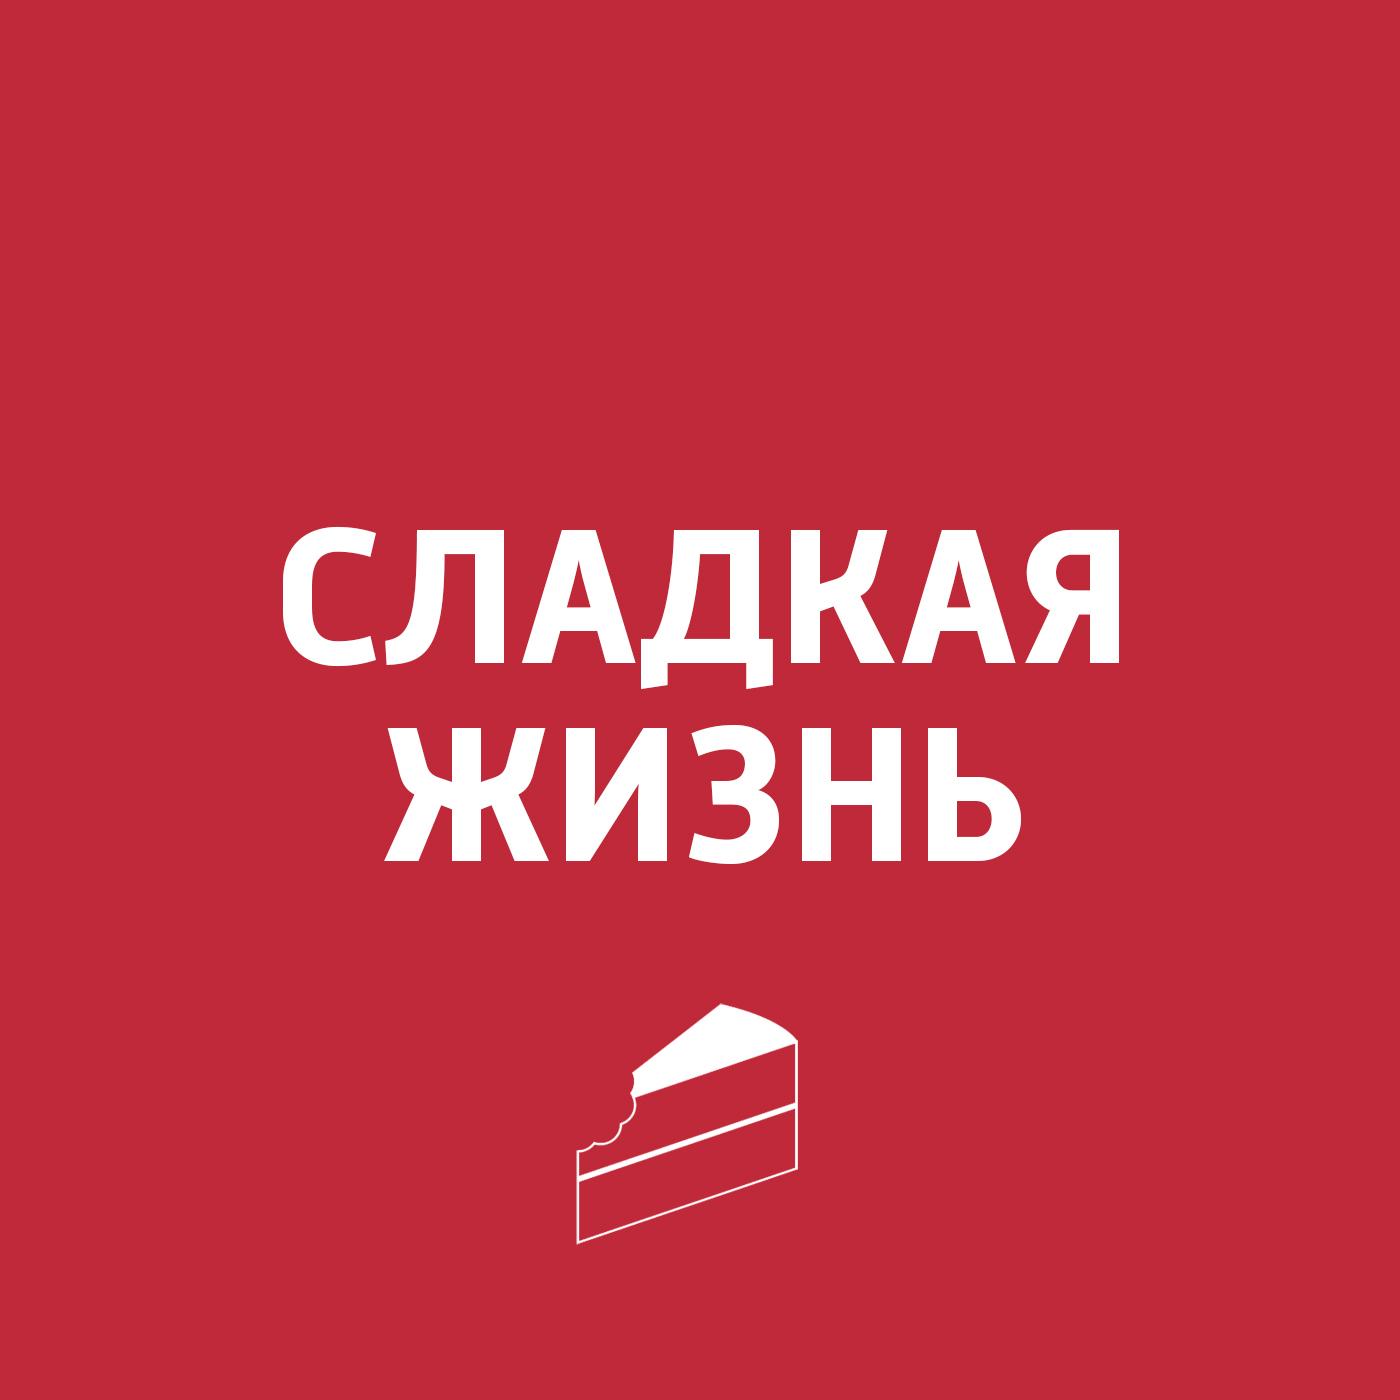 Картаев Павел Киндер-сюрприз. Интересные факты картаев павел киберспорт в россии приравняли к футболу